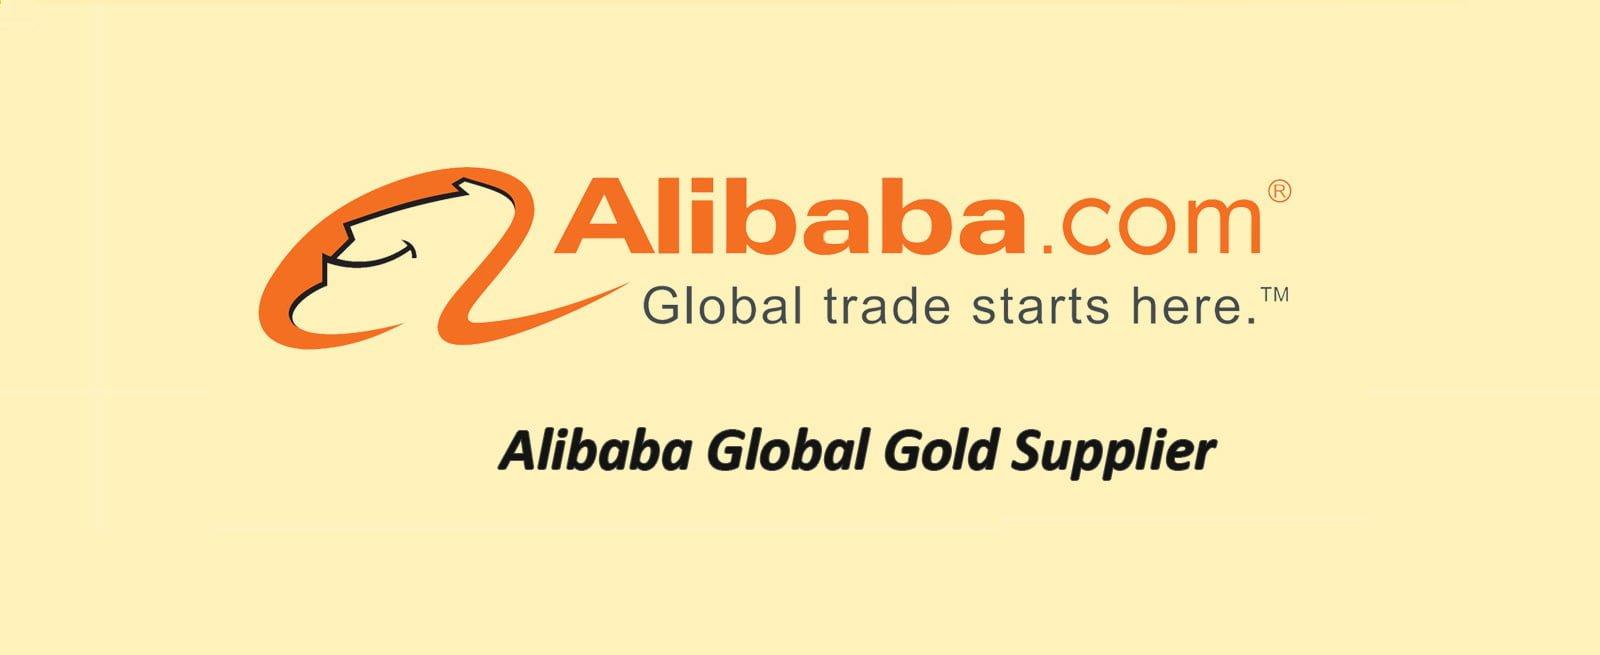 Hỗ trợ xuất khẩu trên Alibaba.com